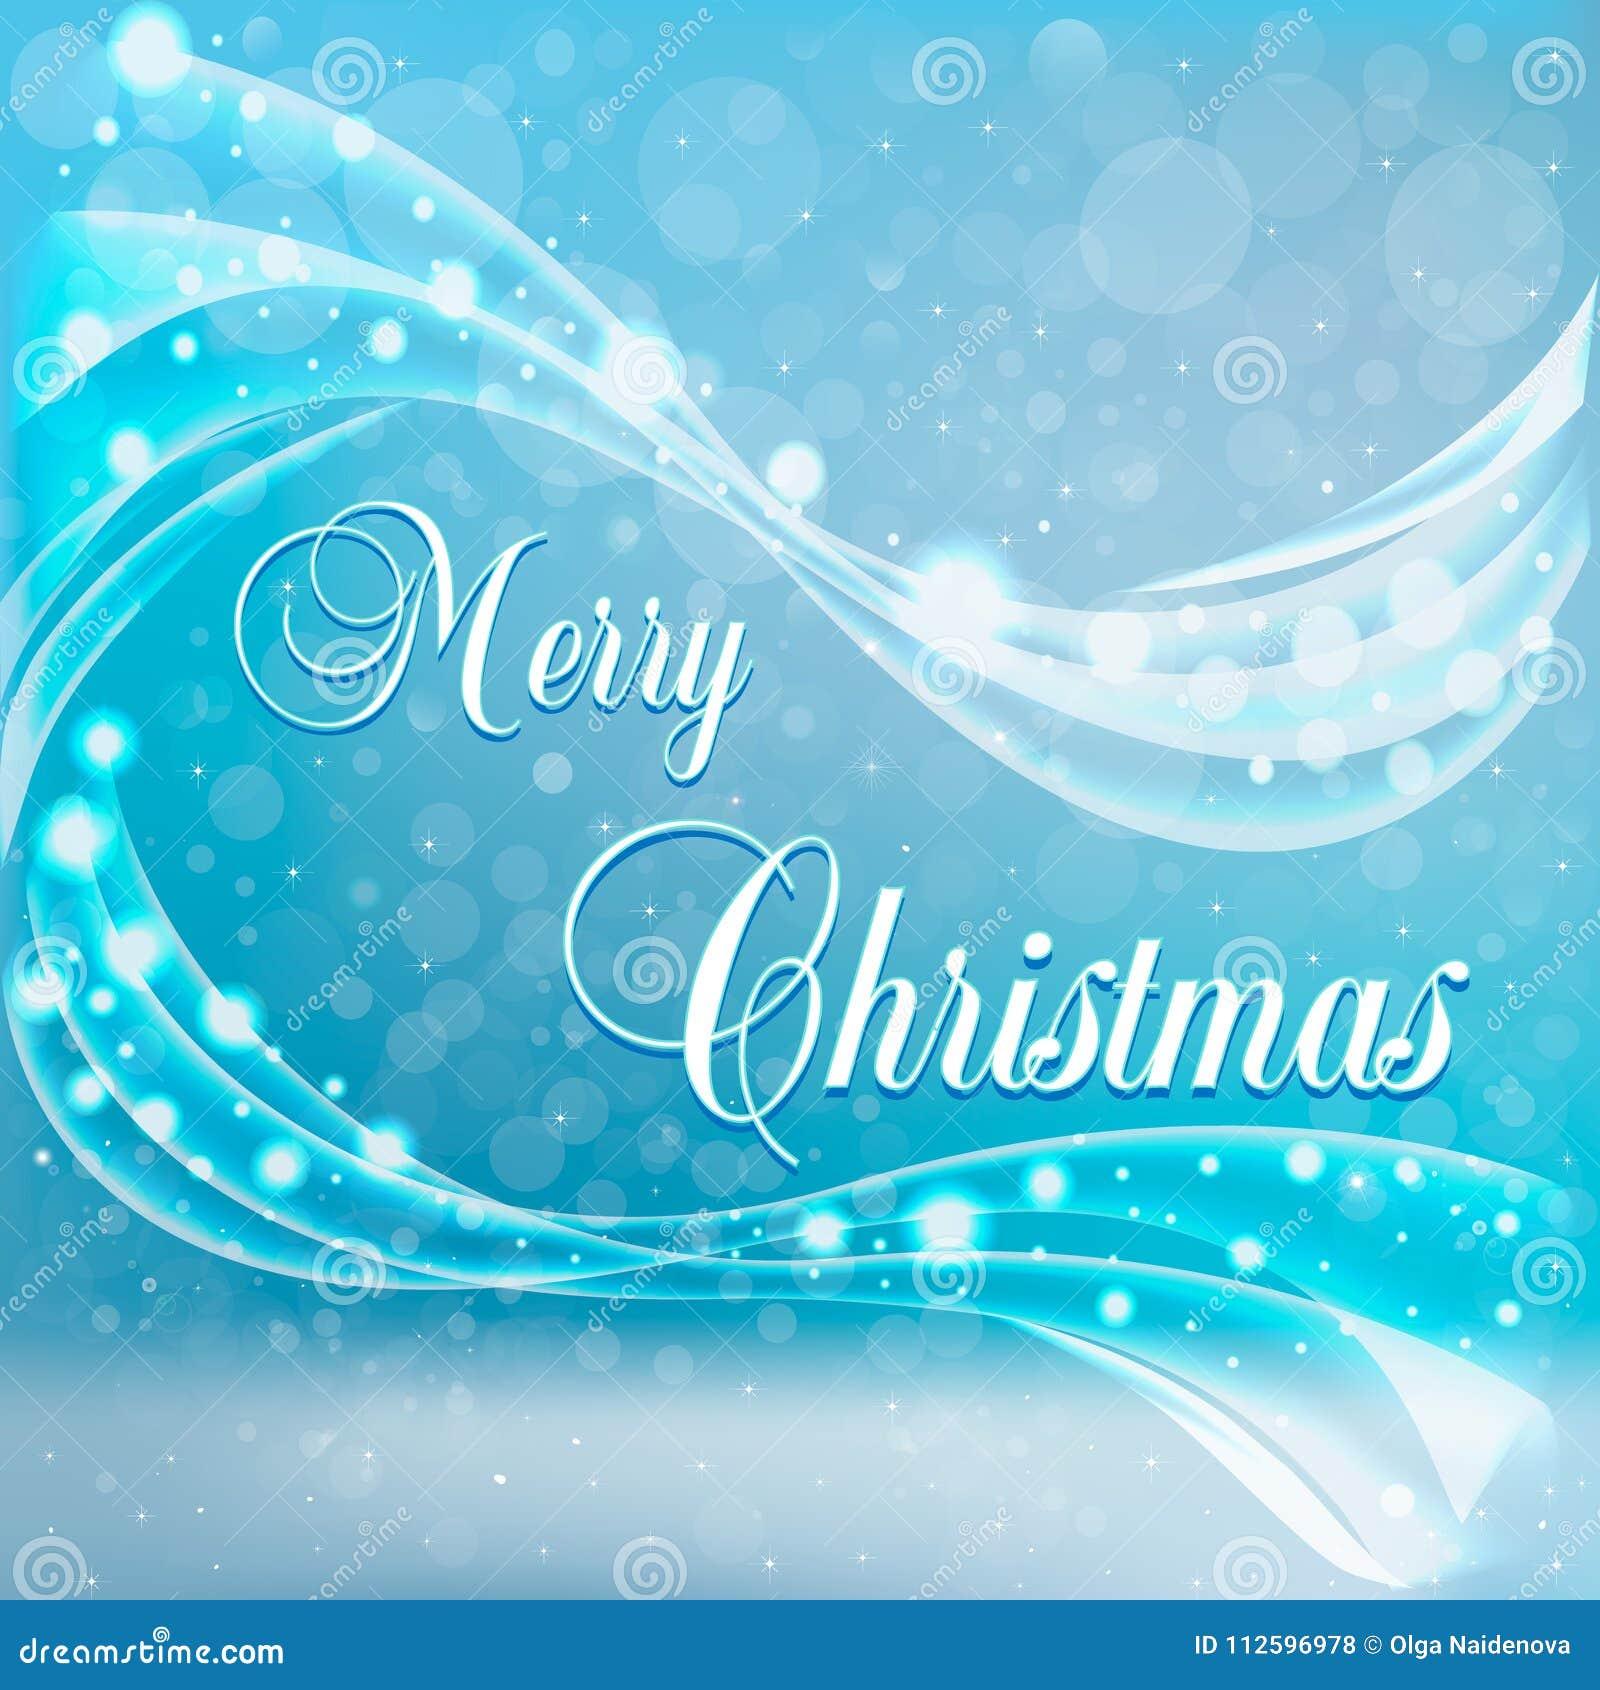 Weihnachtskarte Mit Schnee Und Wind Vektor Abbildung - Illustration ...